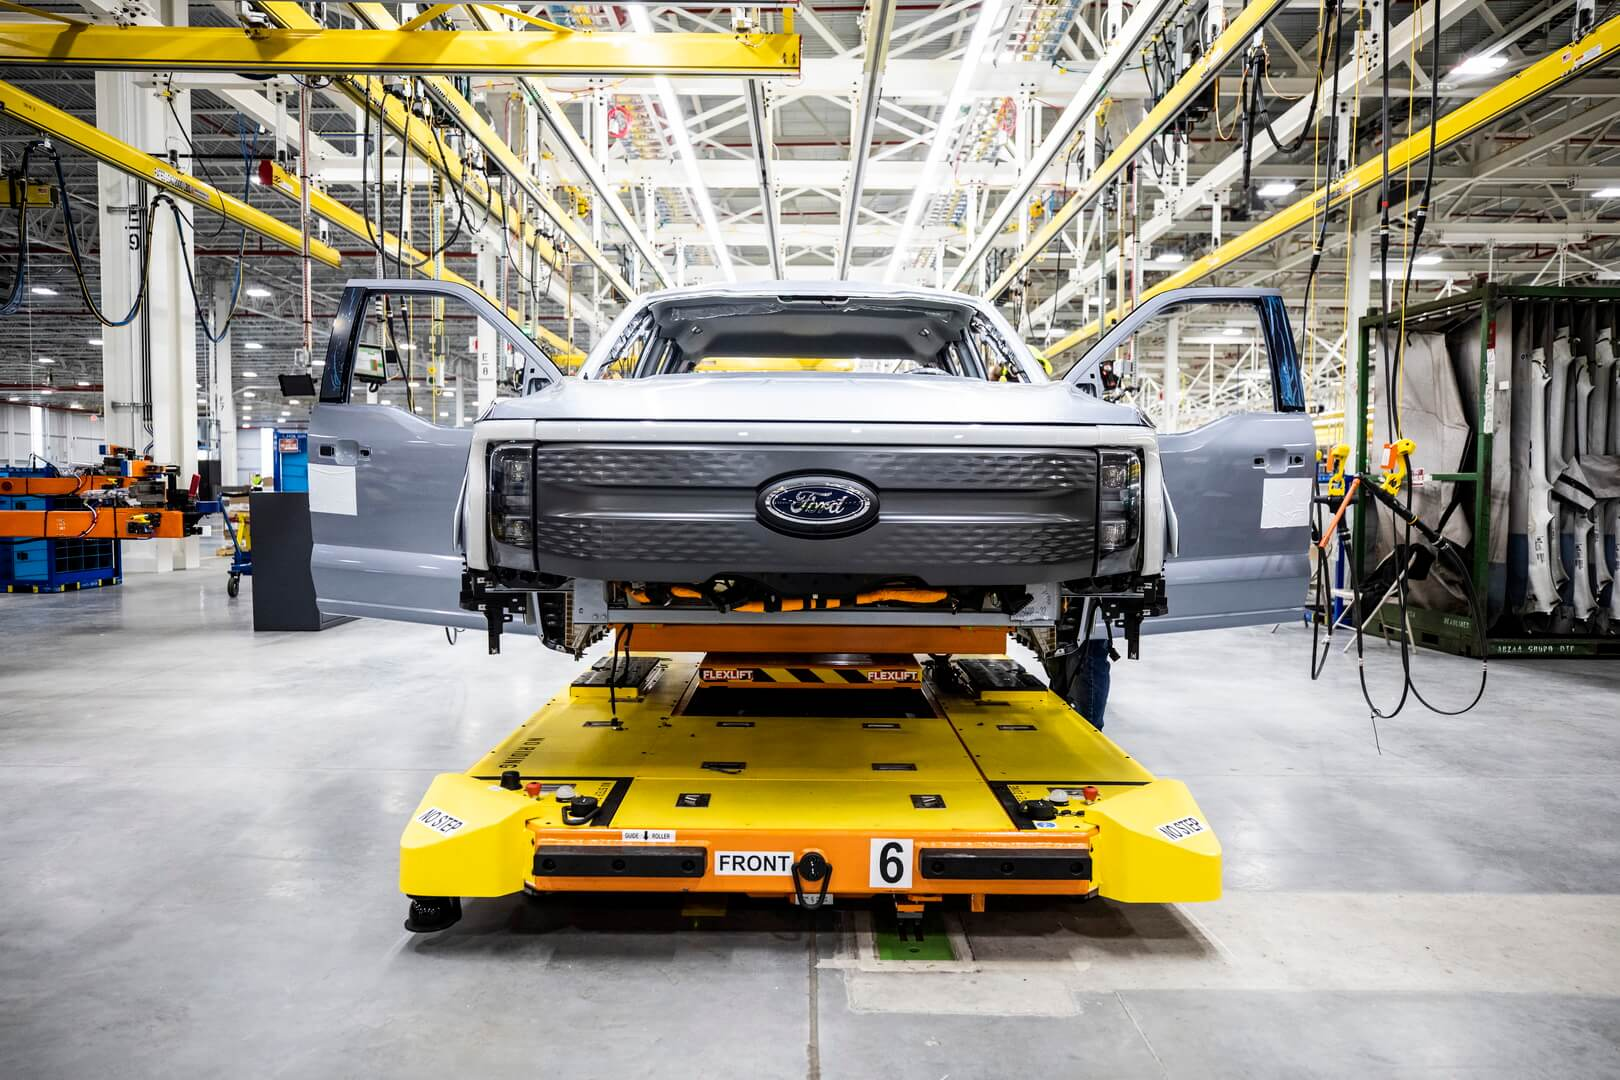 Ford начинает предварительное производство опытных образцов F-150 Lightning в Центре электромобилей Ford Rouge